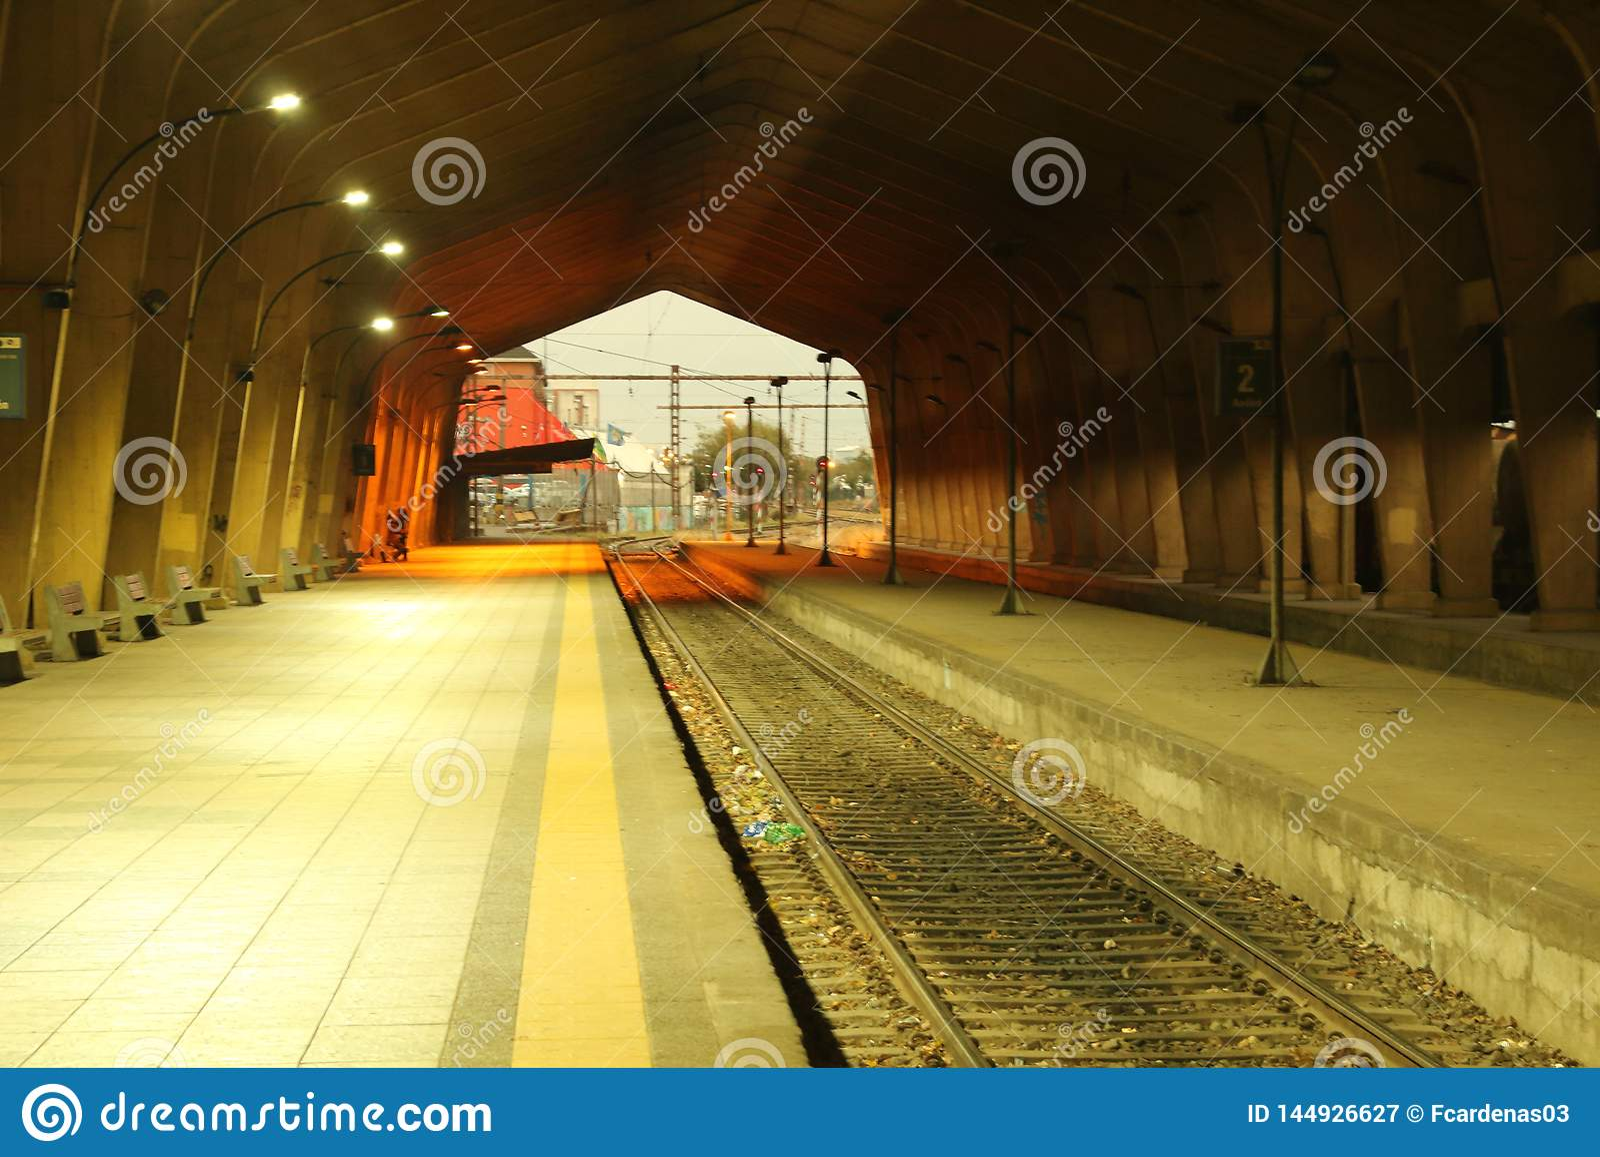 Estação de caminhos de ferro vazio, trens de espera que nunca retornarão